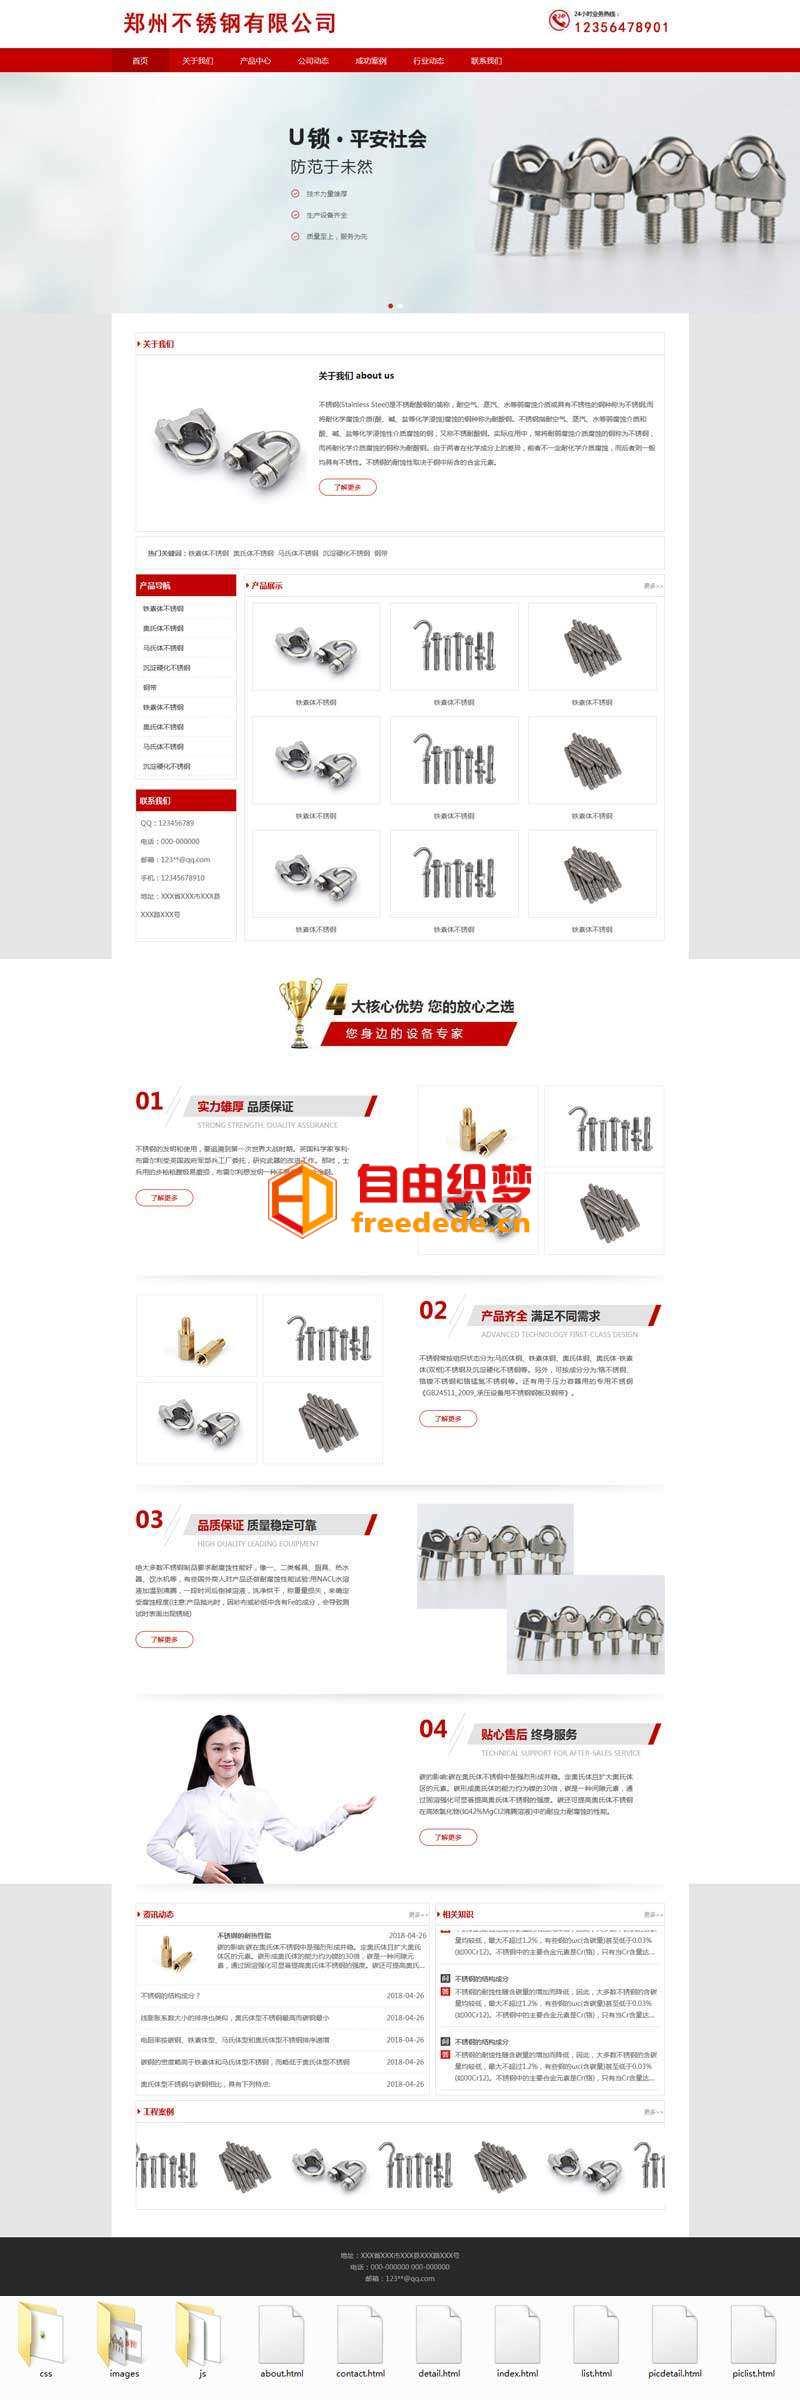 爱上源码网文章不锈钢制品企业网站静态模板的内容插图